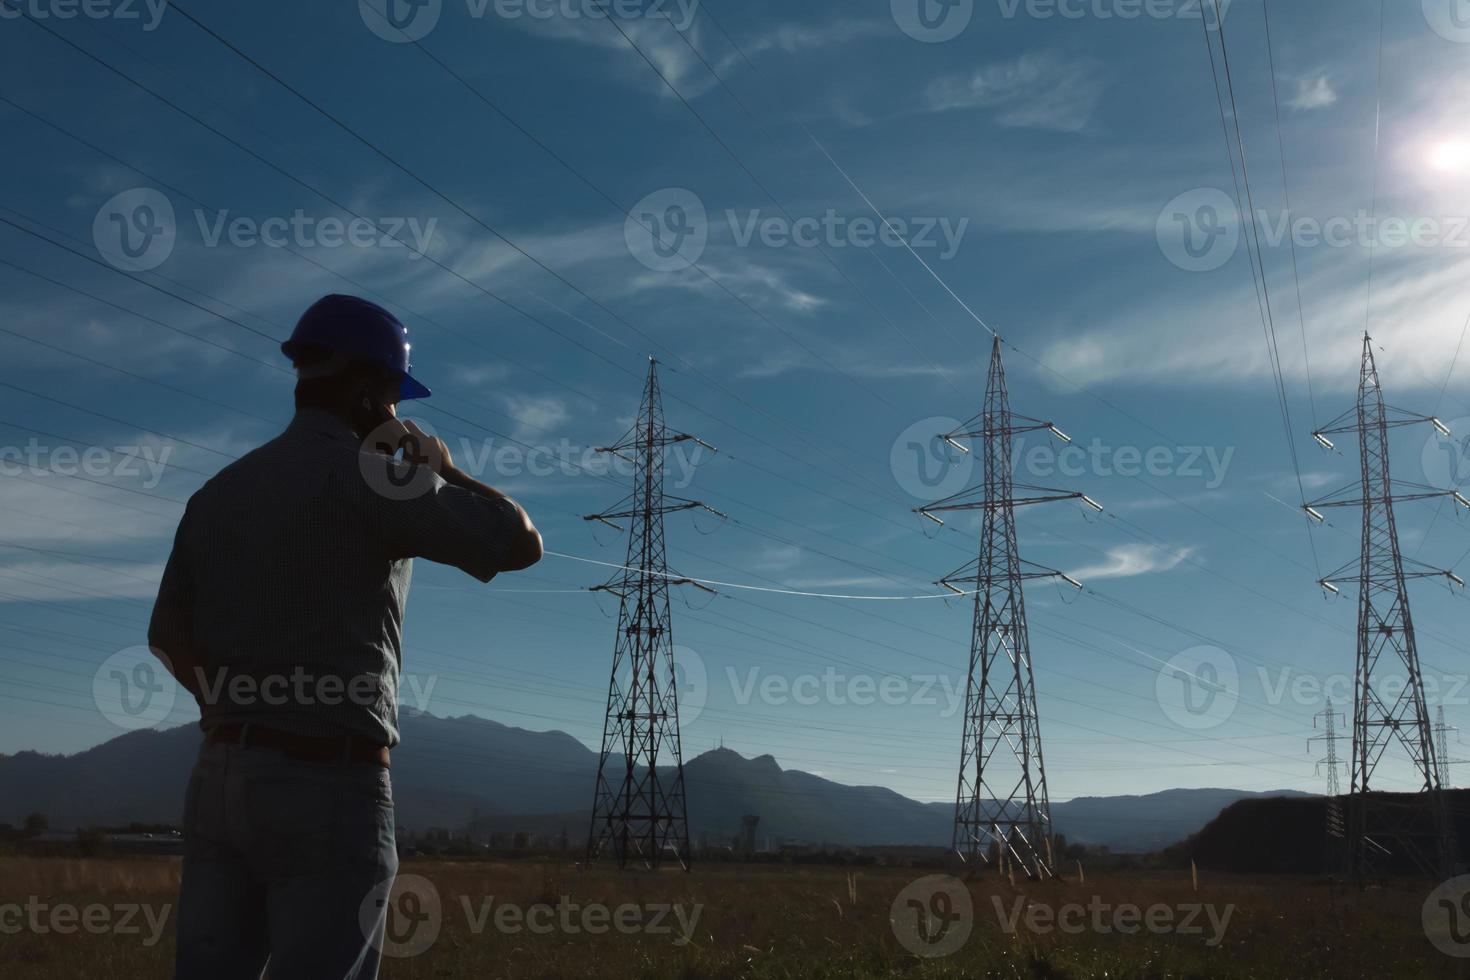 männlicher Arbeiter am Elektrizitätswerk foto